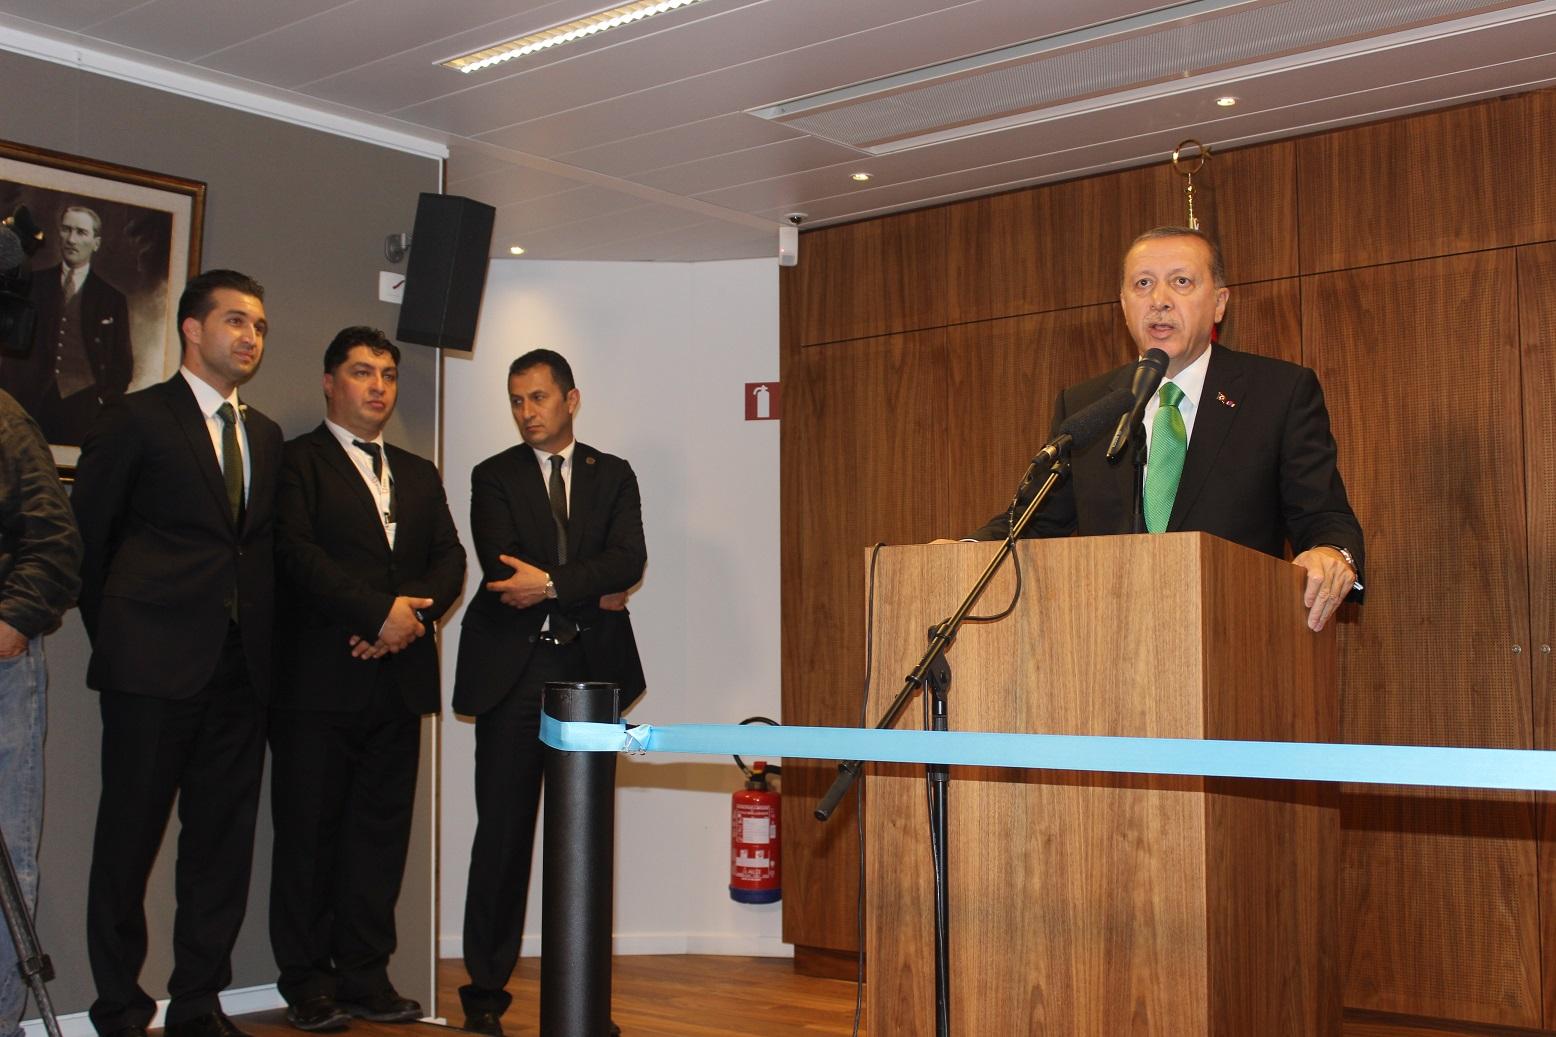 Brüksel Büyükelçiliği açılışı 7